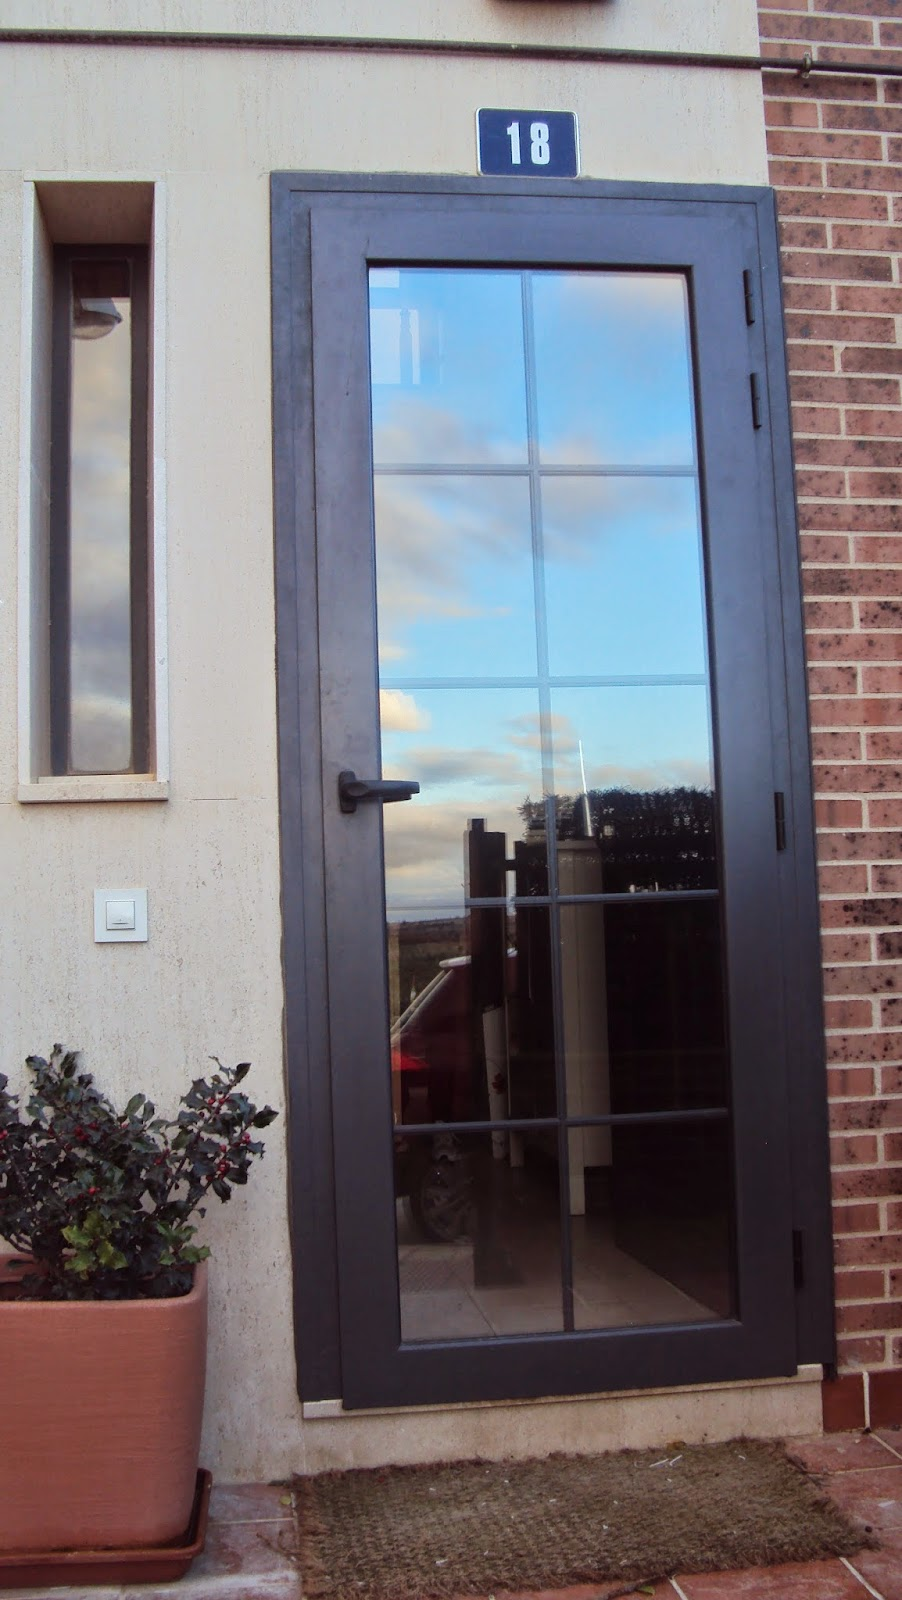 Aluminio y cerrajer a abel y cesar santiuste de san juan for Puertas aluminio interior cristal